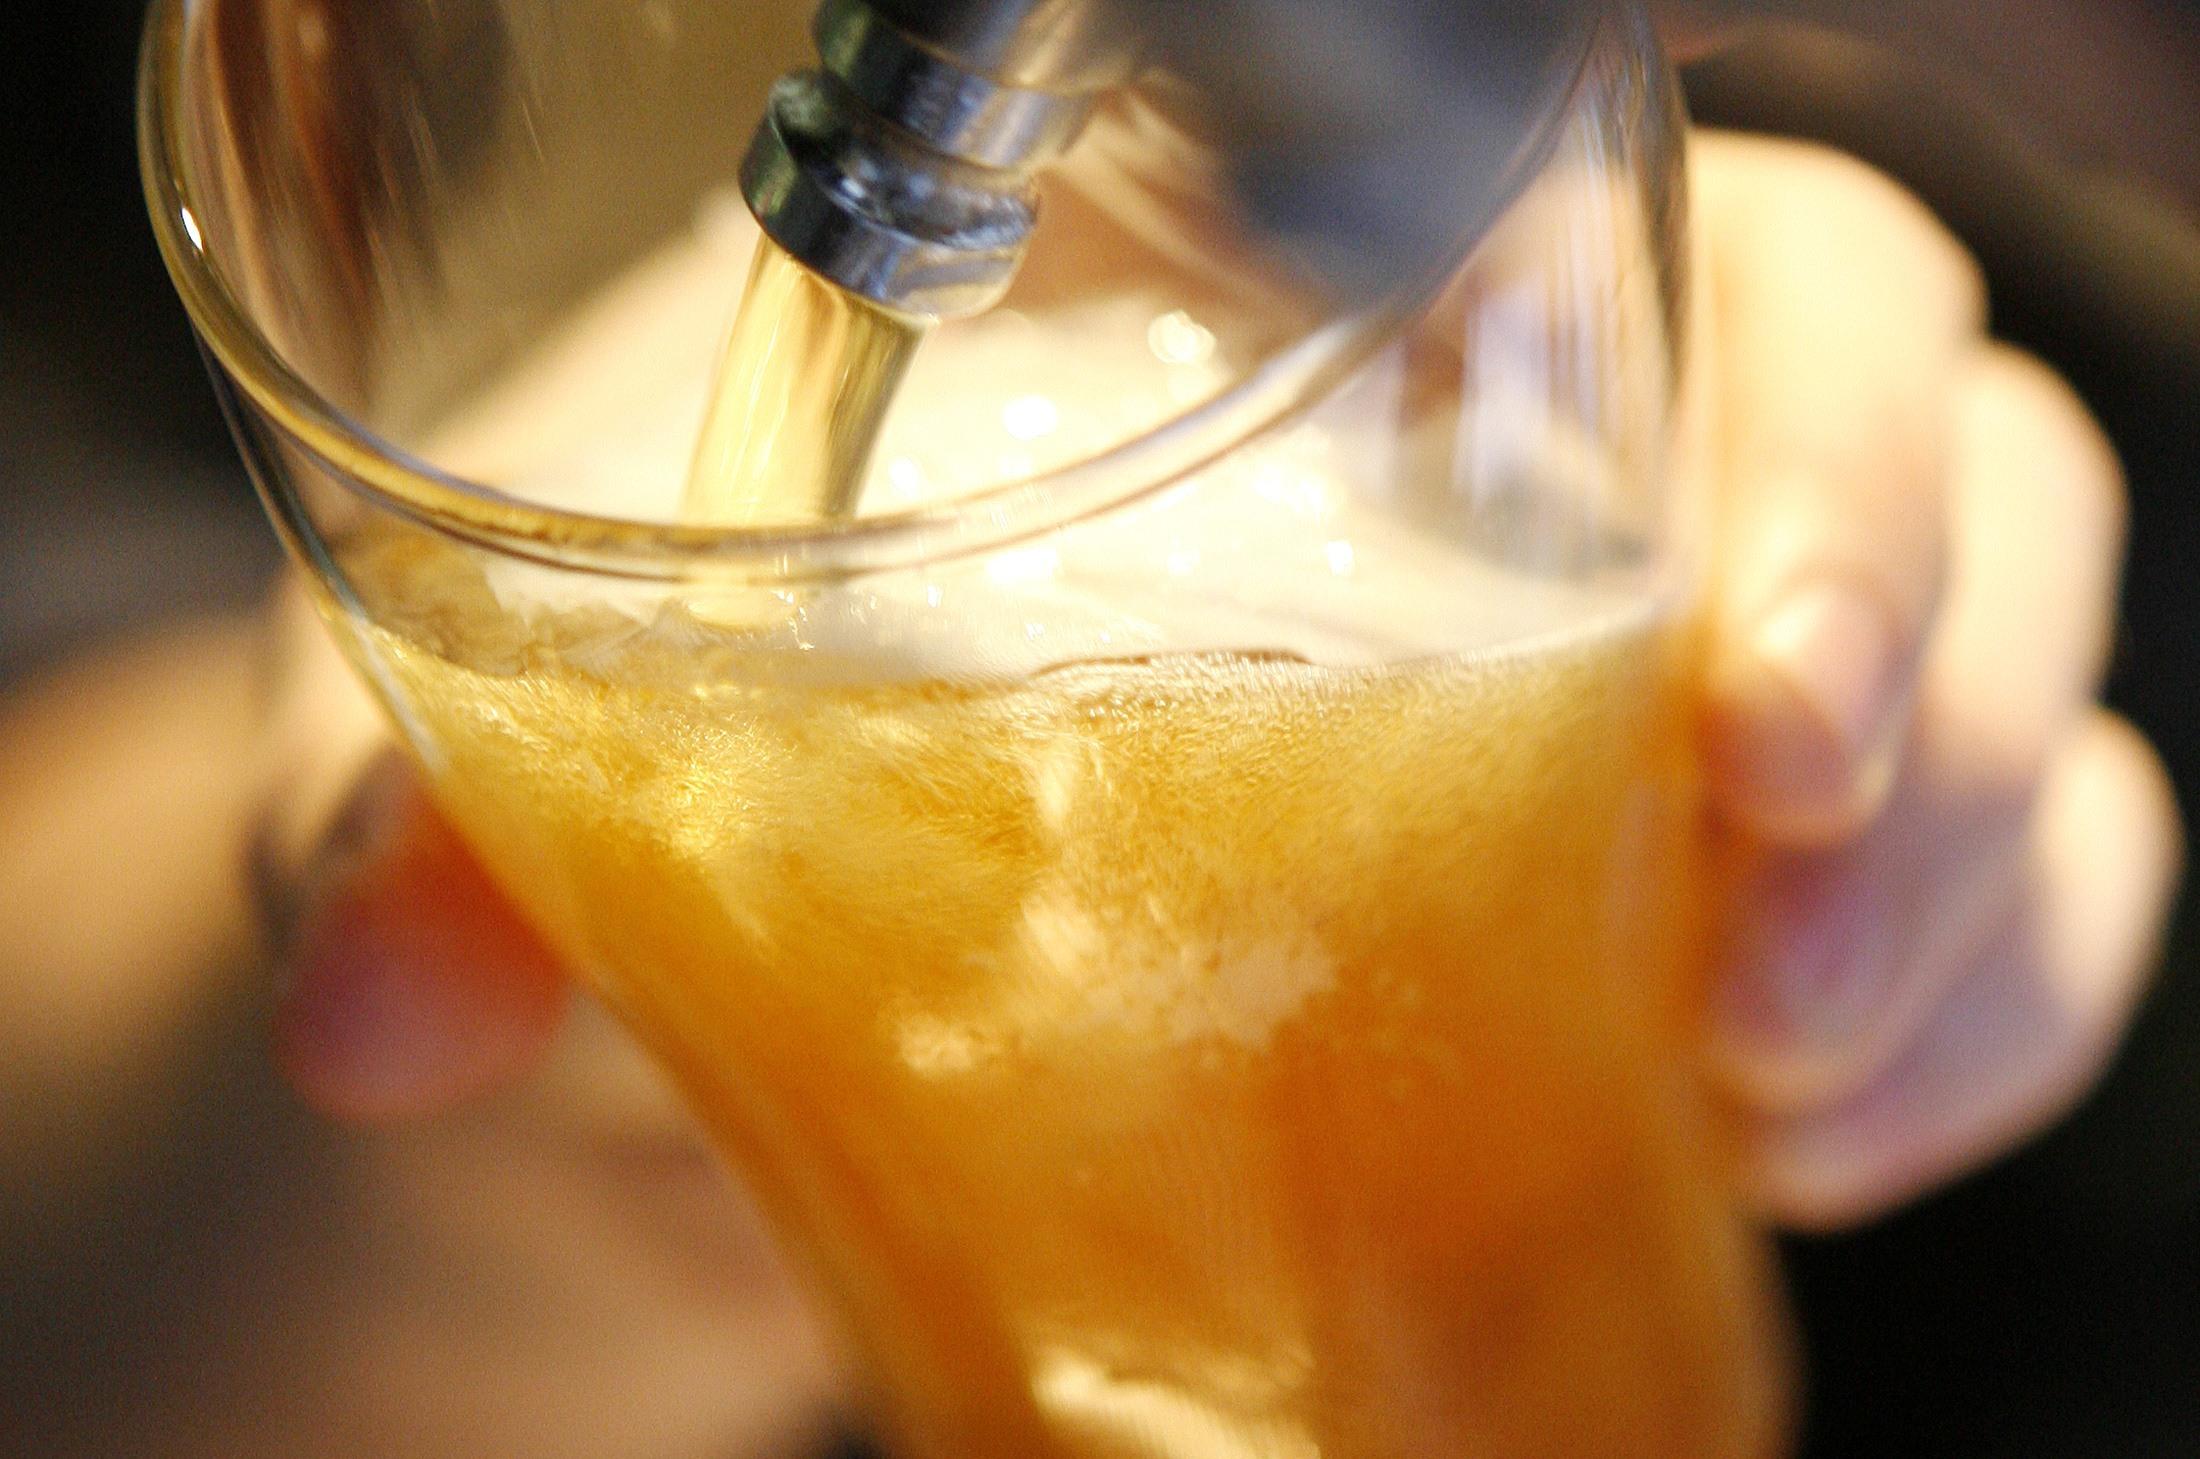 Ηράκλειο: 13χρονος σε σοβαρή κατάσταση στο νοσοκομείο μετά από μεγάλη κατανάλωση αλκοόλ